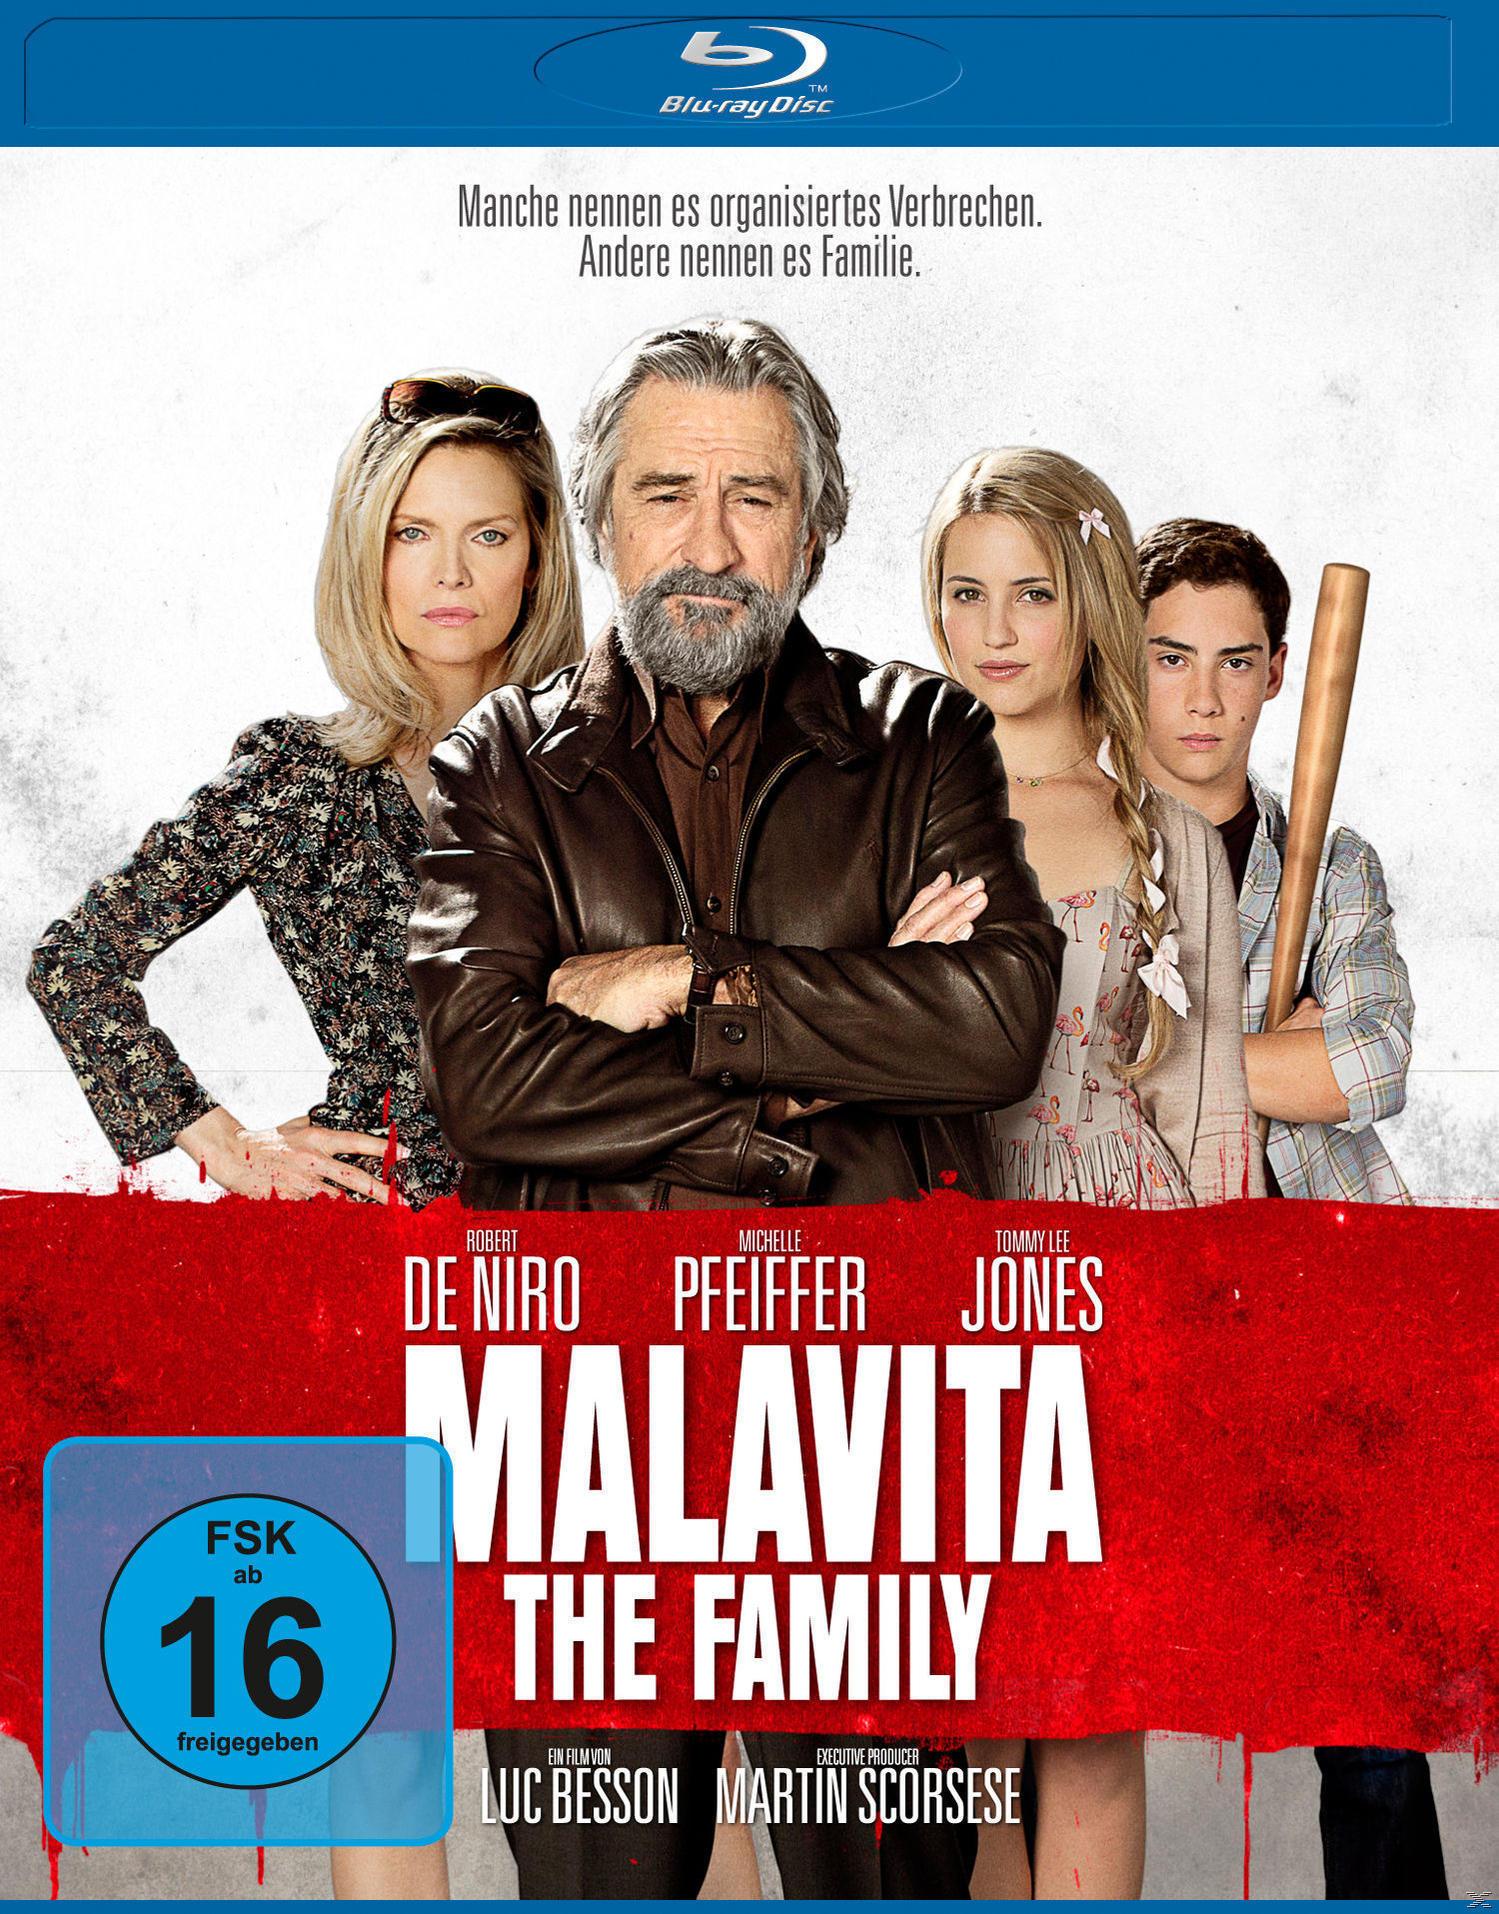 Malavita - The Family (BLU-RAY) für 9,99 Euro